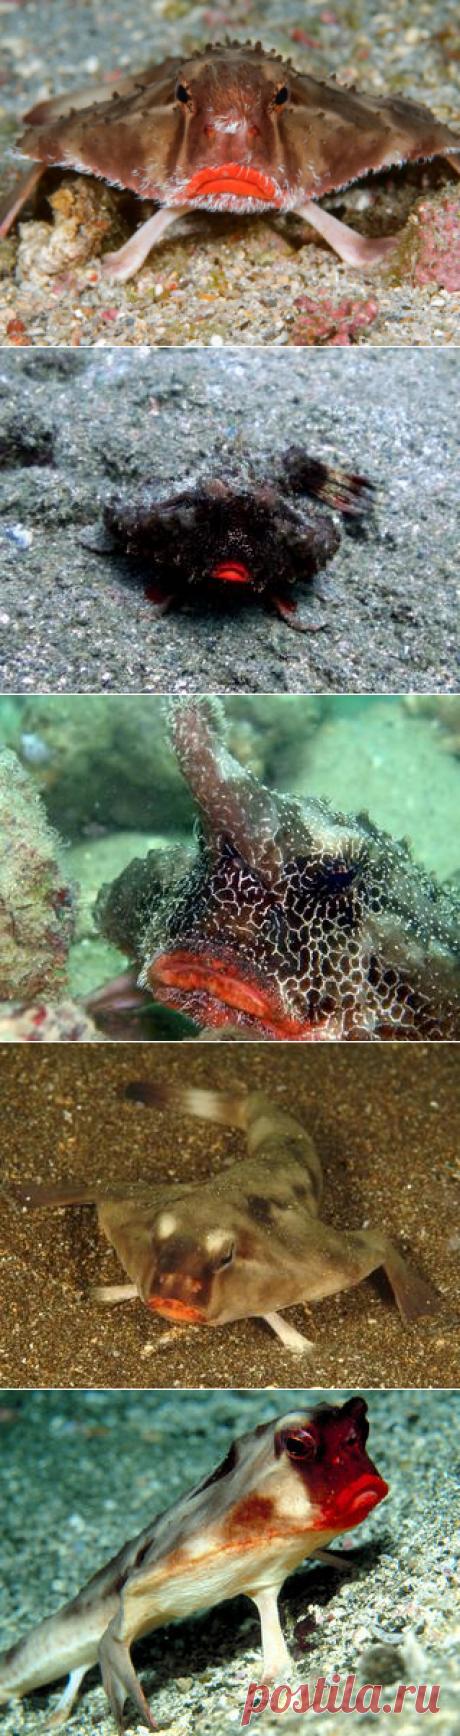 Смотреть изображения морских нетопырей | Зооляндия